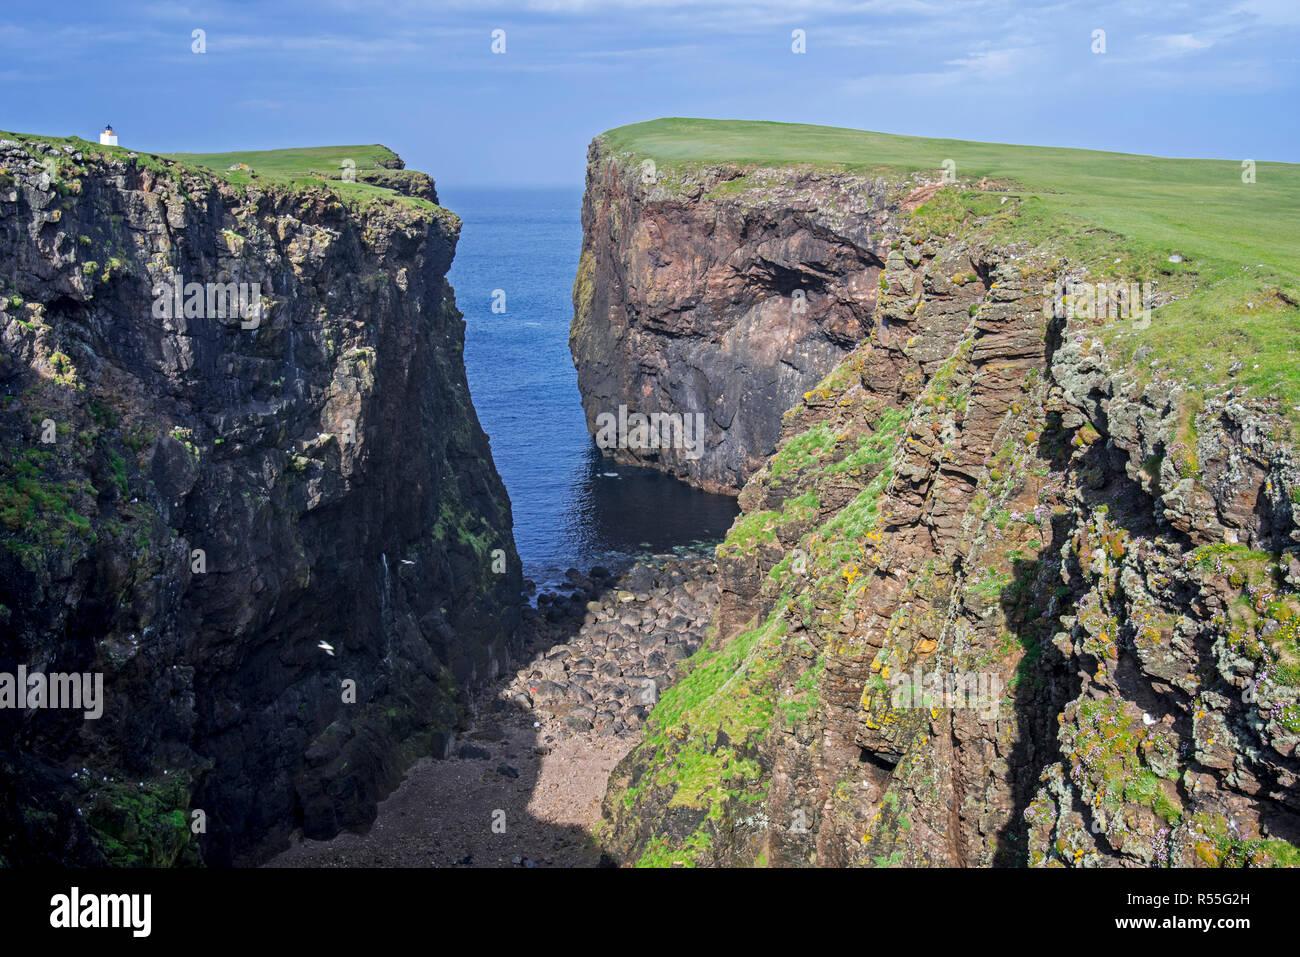 Calder's Geo, erodierte Ufer, tiefe Kluft in Sea Cliff bei Eshaness/Esha Ness, Northmavine, Festland, Shetlandinseln, Schottland, Großbritannien Stockbild